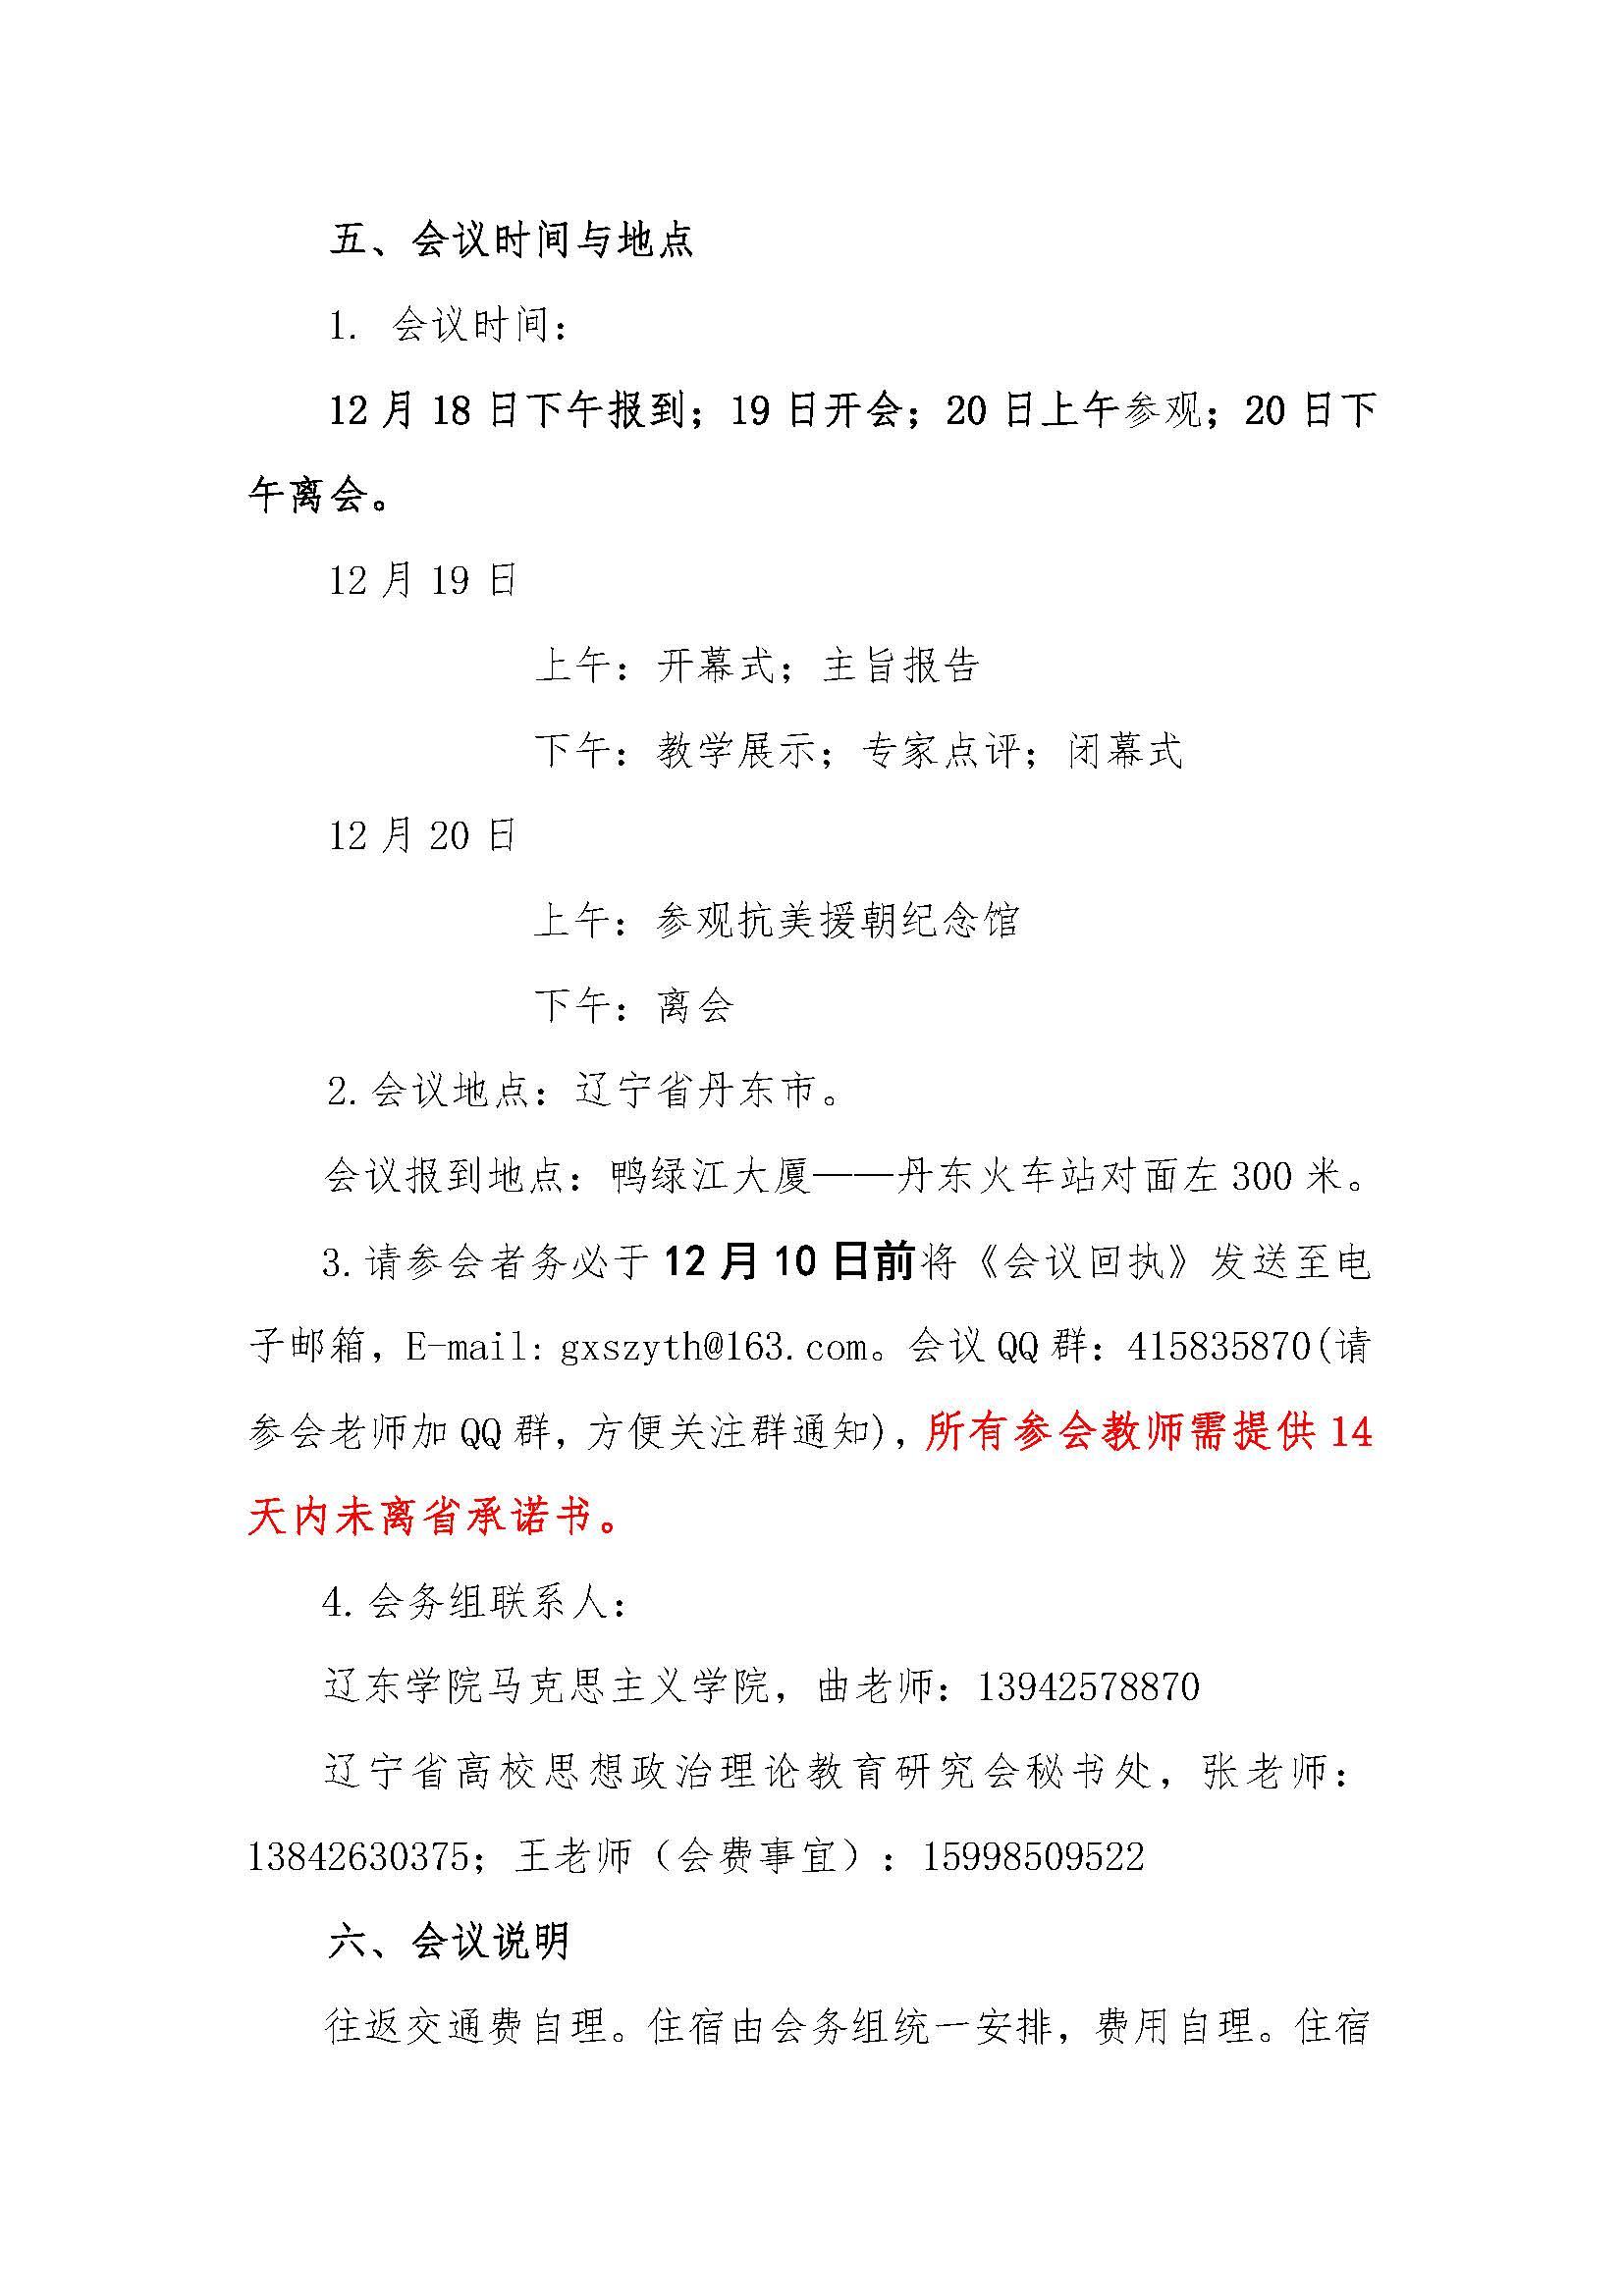 頁面提取自-遼寧省高校思想政治教育研究會2020年年會通知.jpg